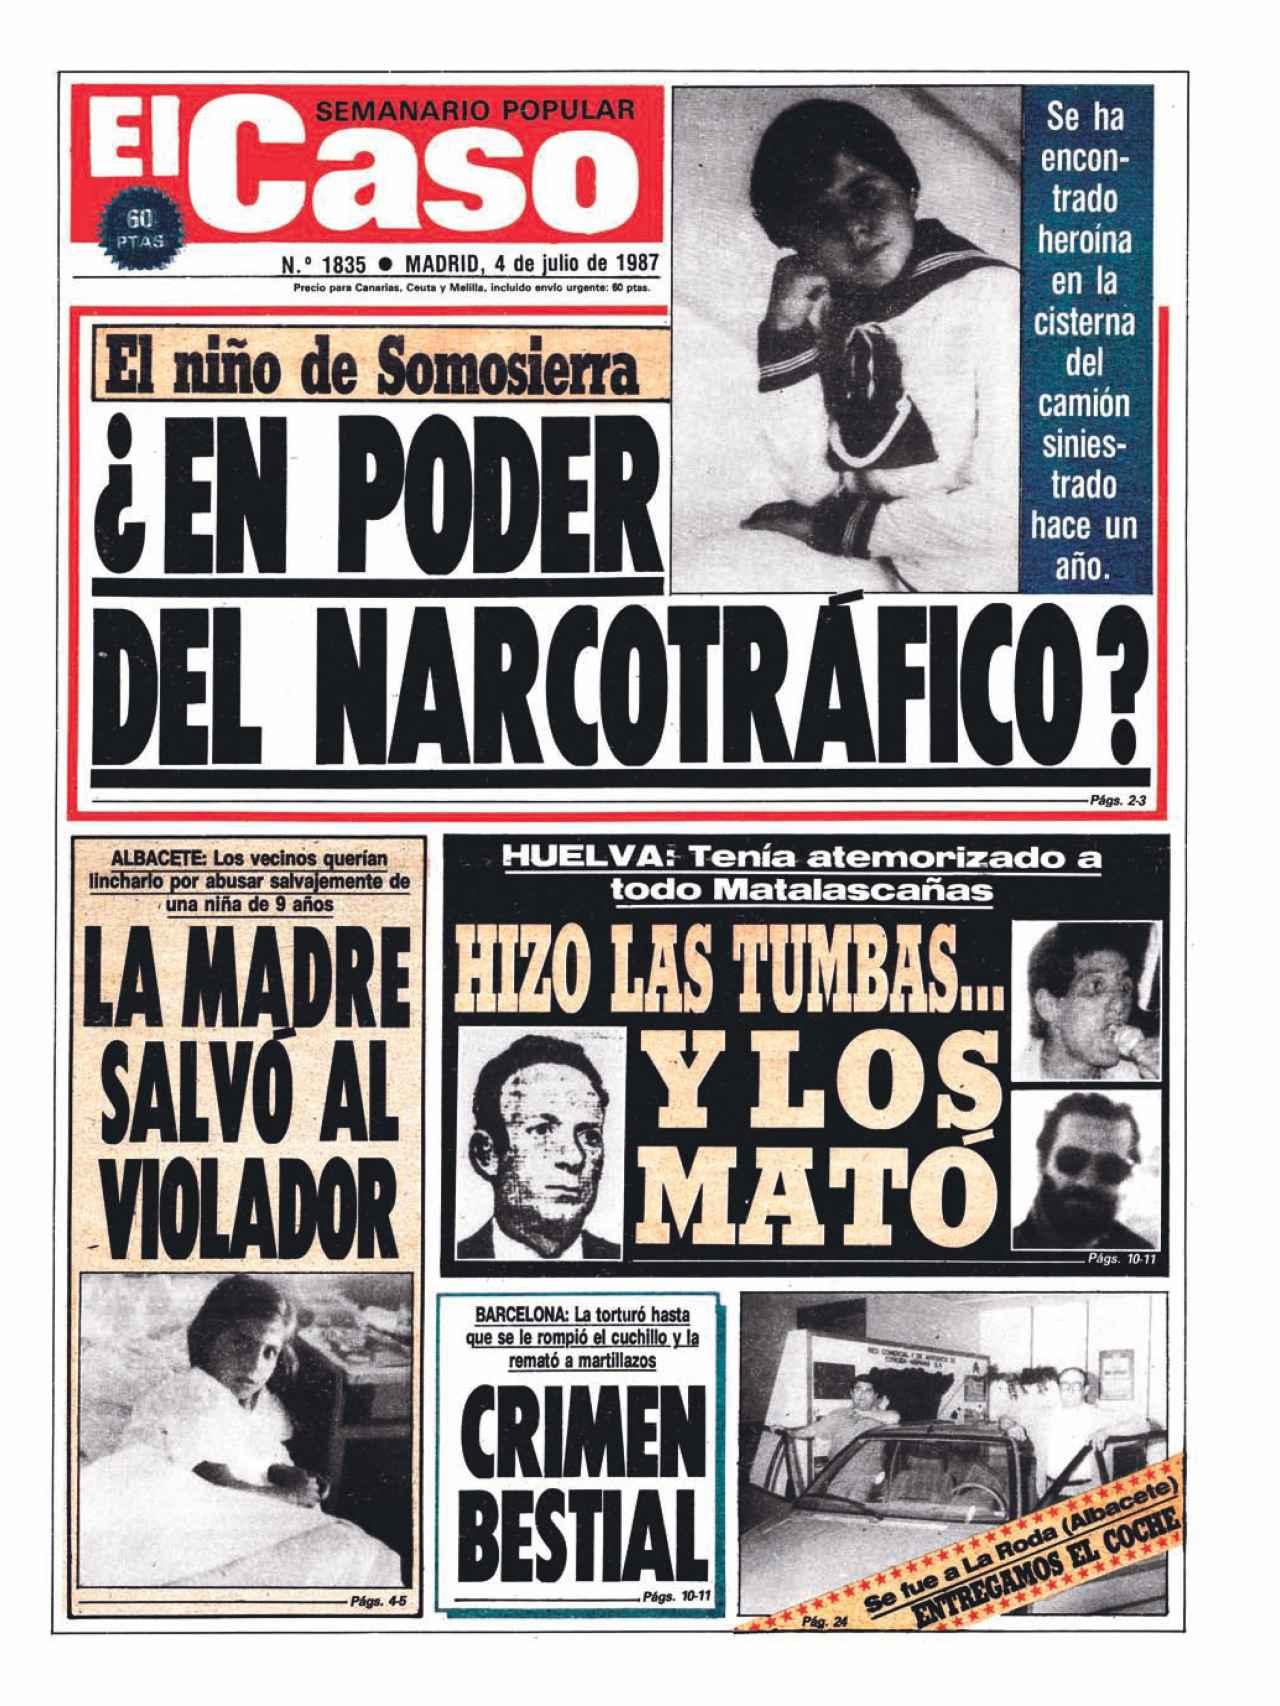 Portada de El Caso del 4 de julio de 1987 sobre el niño de Somosierra.